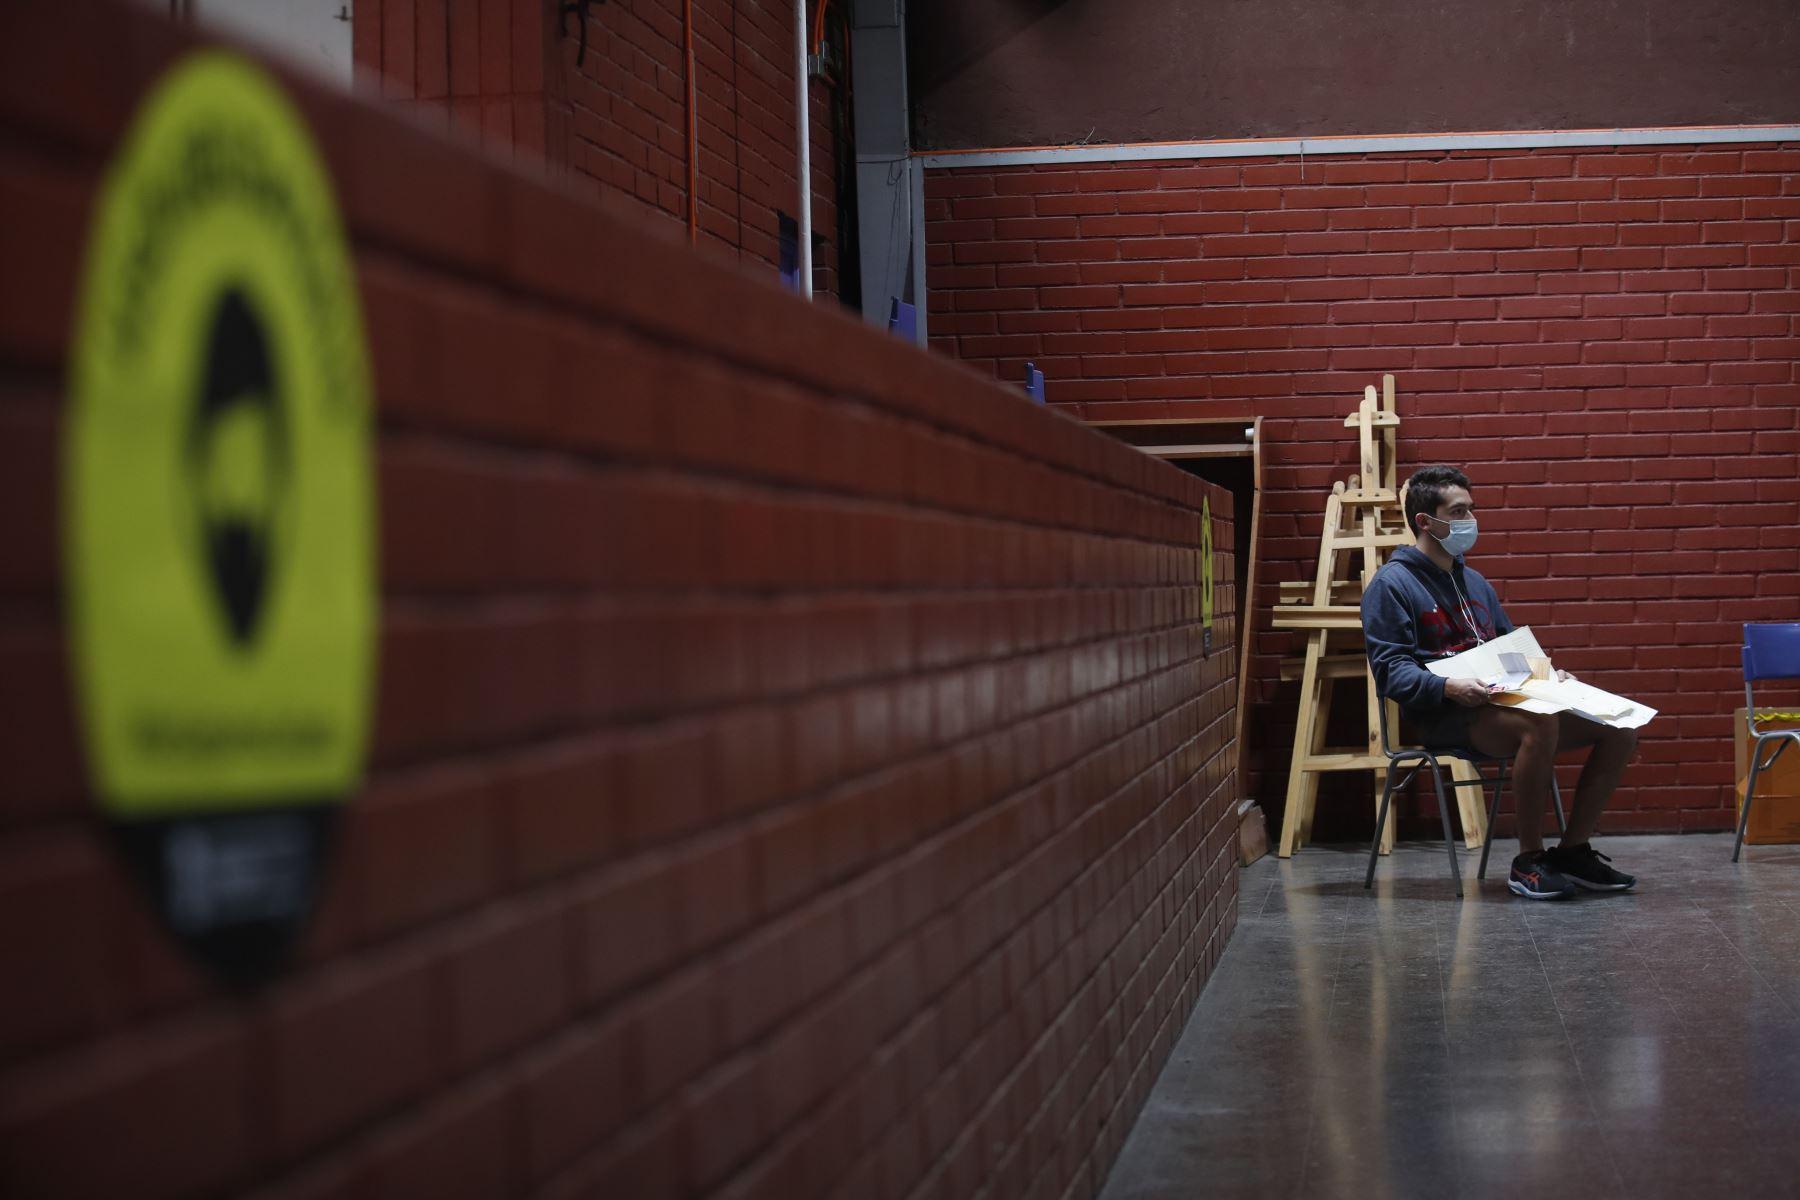 Ciudadanos llegan a un puesto de votación , durante las elecciones locales y constituyentes, en el Liceo Carmela Carvajal, en la comuna de Providencia, en Santiago de Chile. Foto: EFE